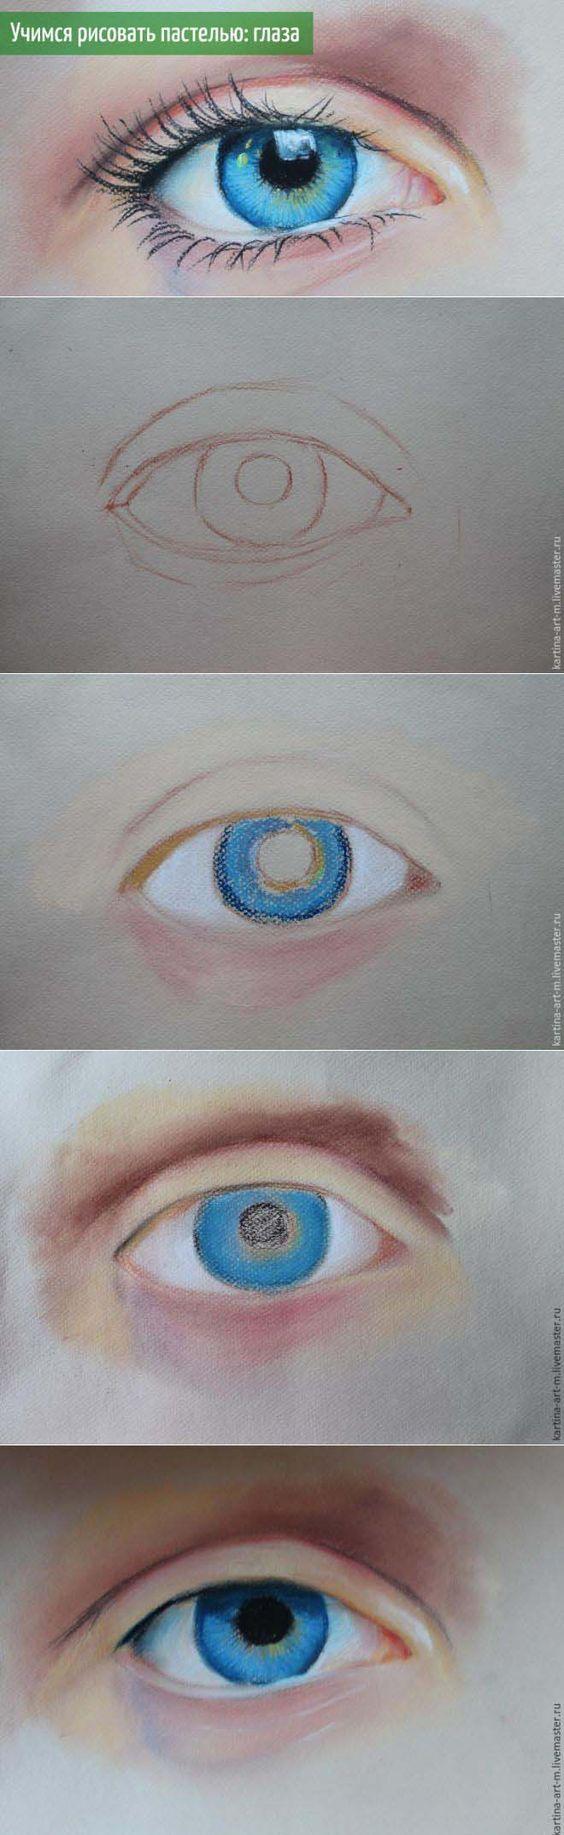 Рисуем глаз пастелью #painting #drawing #crayon #tutorial